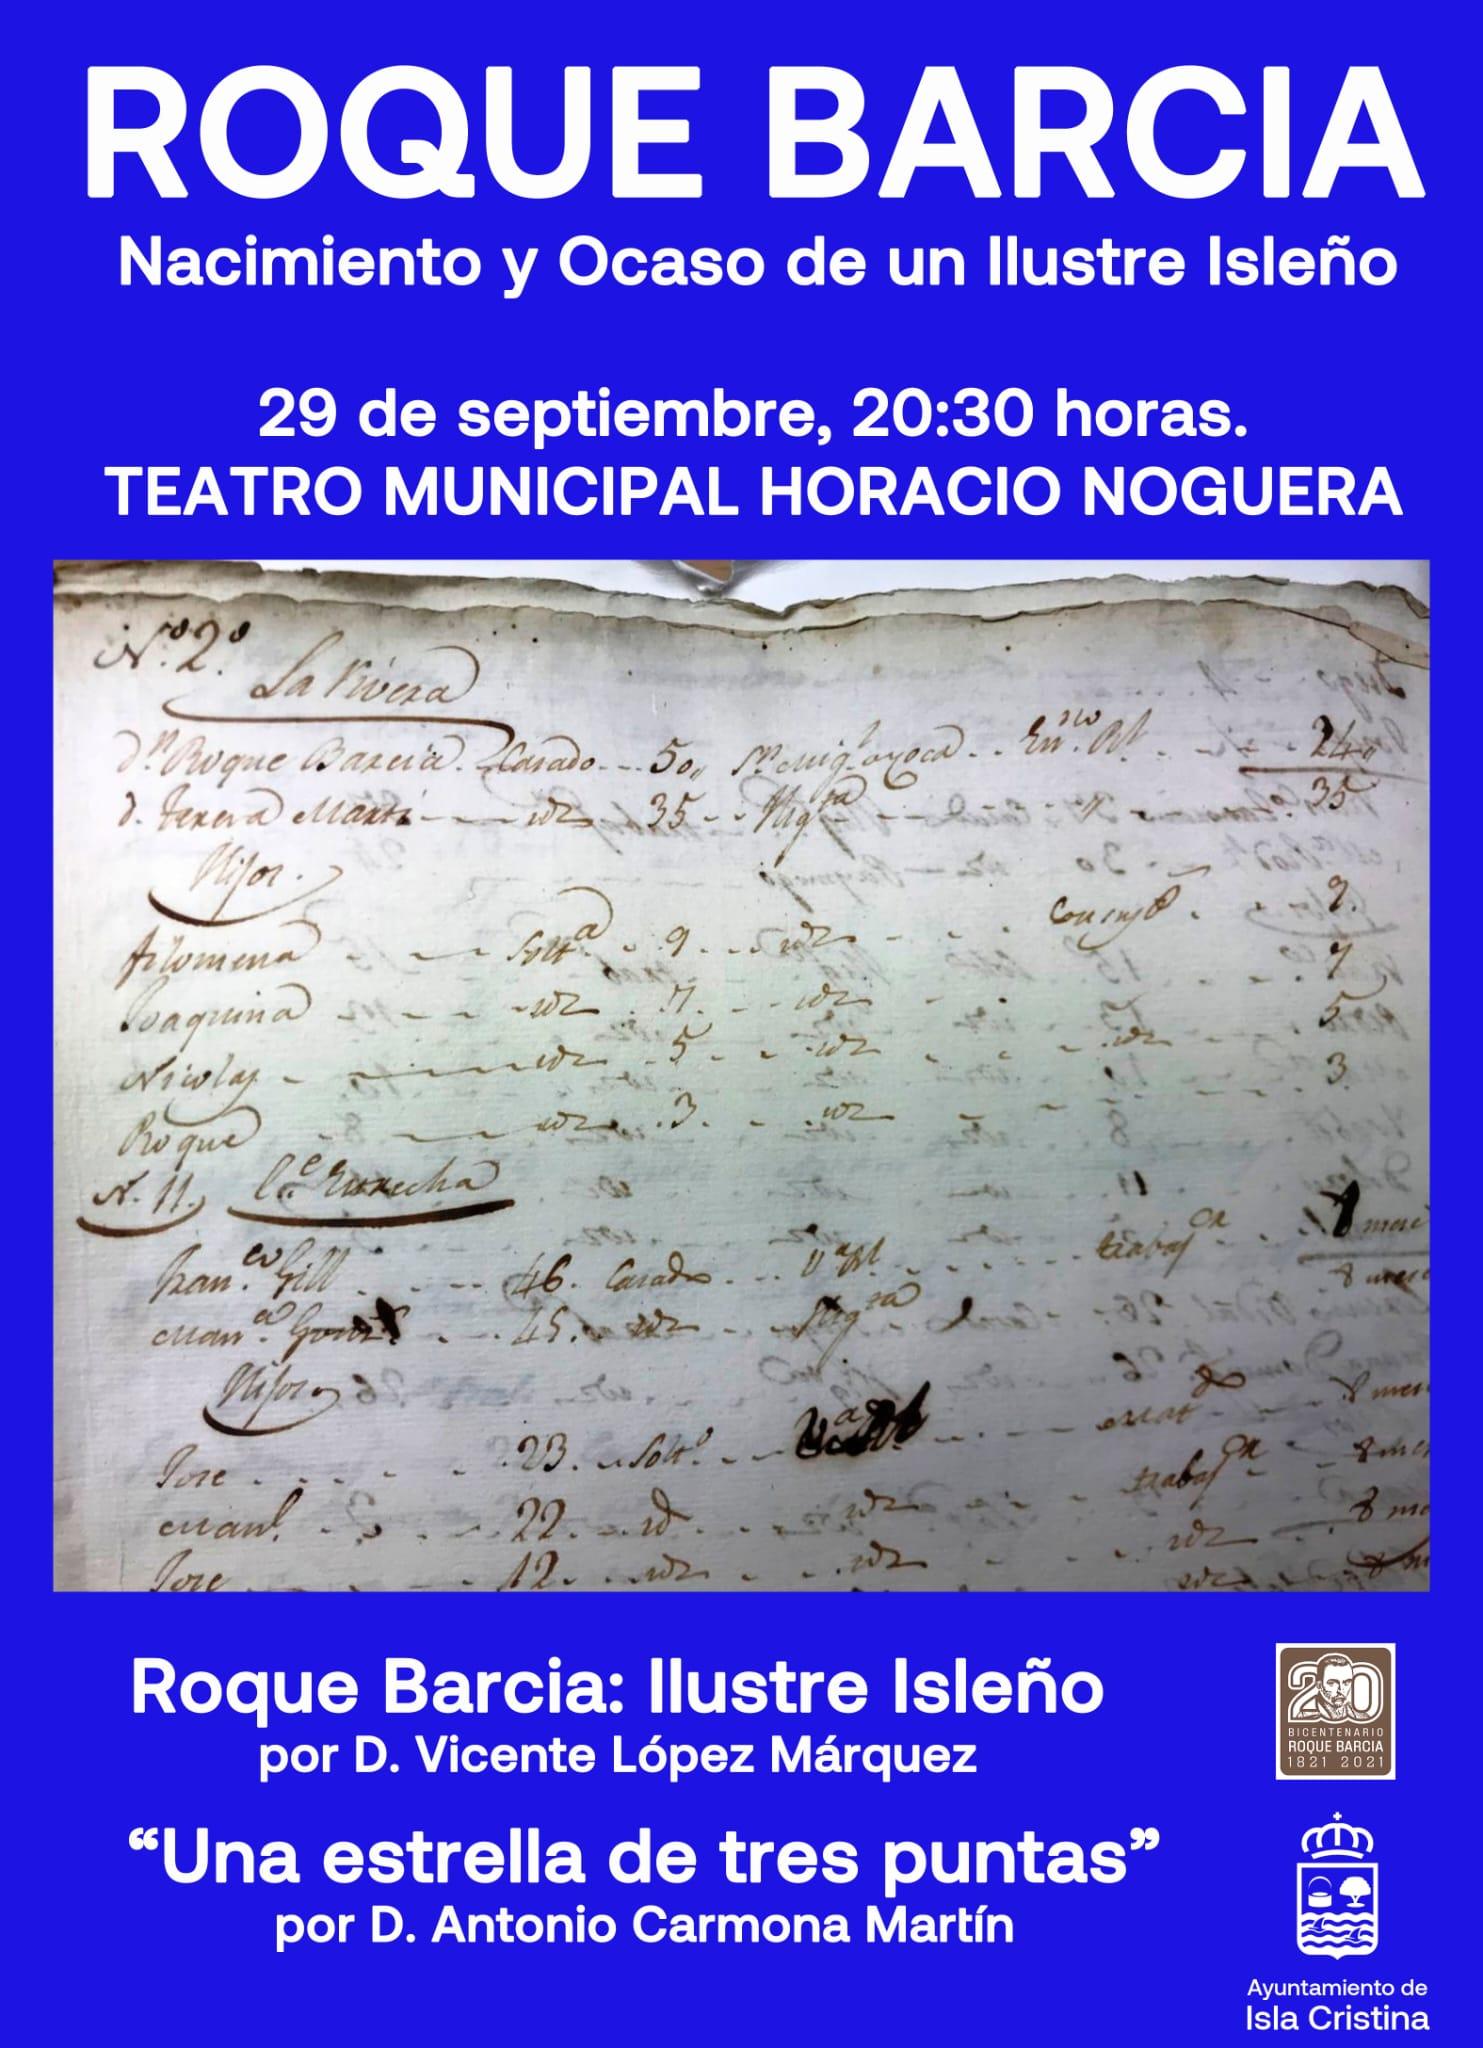 Ciclo de conferencias Roque Barcia. Nacimientoy Ocaso de un Ilustre isleño